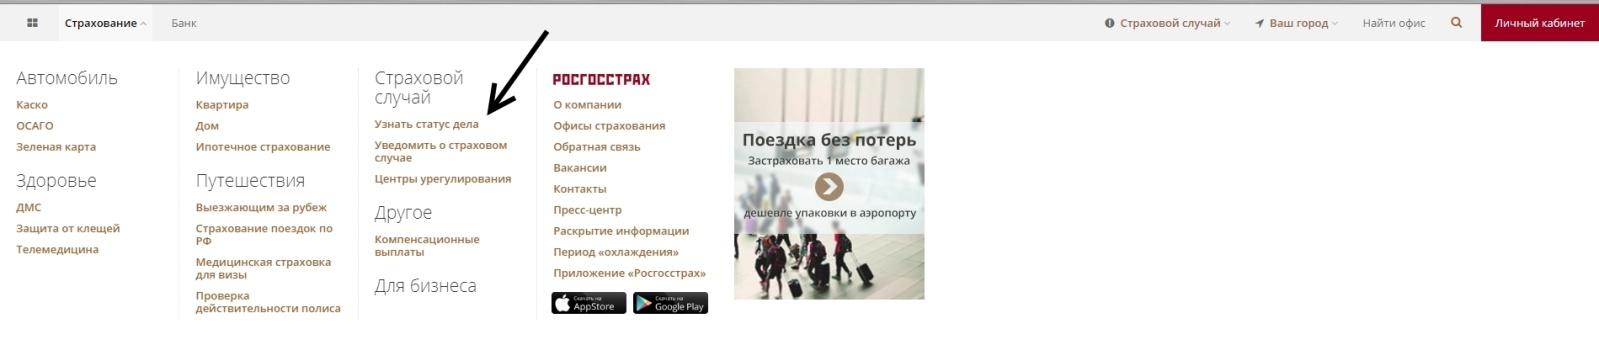 РГС статус выплатного дела ОСАГО: пошаговая инструкция 2020 года